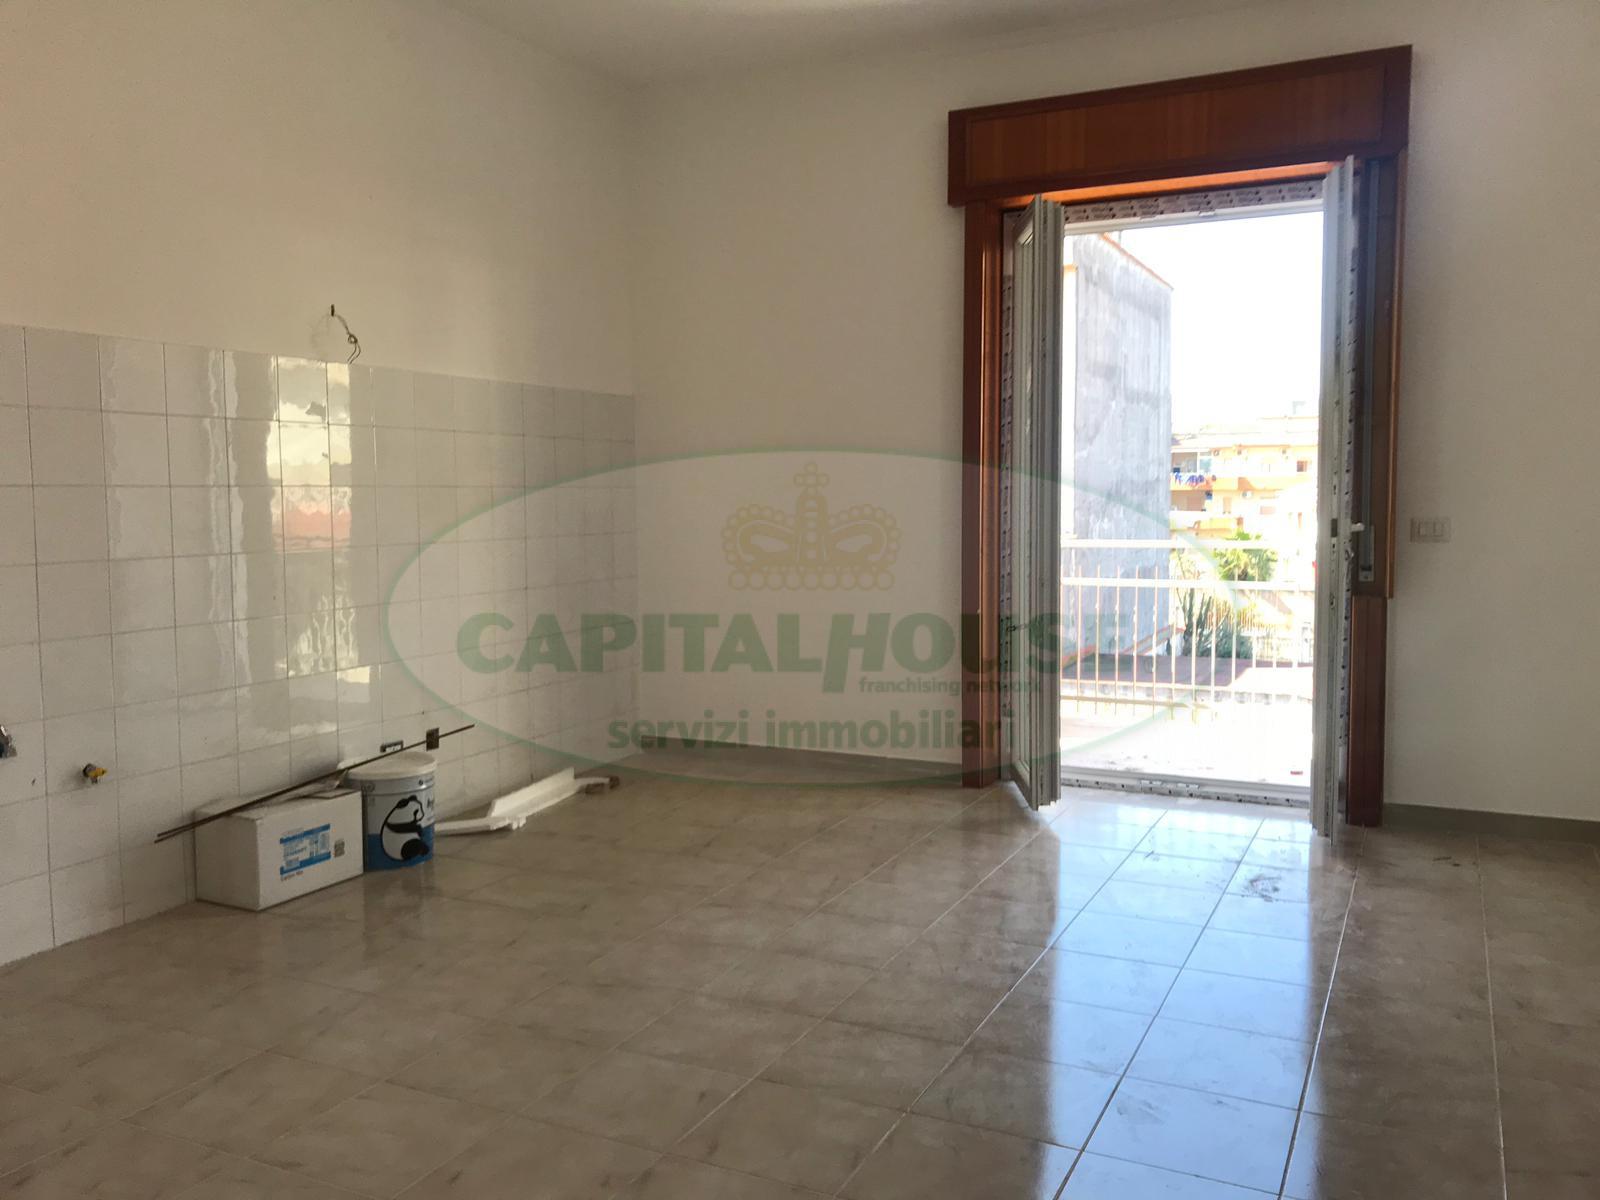 Appartamento in affitto a Afragola, 3 locali, zona Località: C.C.IPini, prezzo € 500   CambioCasa.it